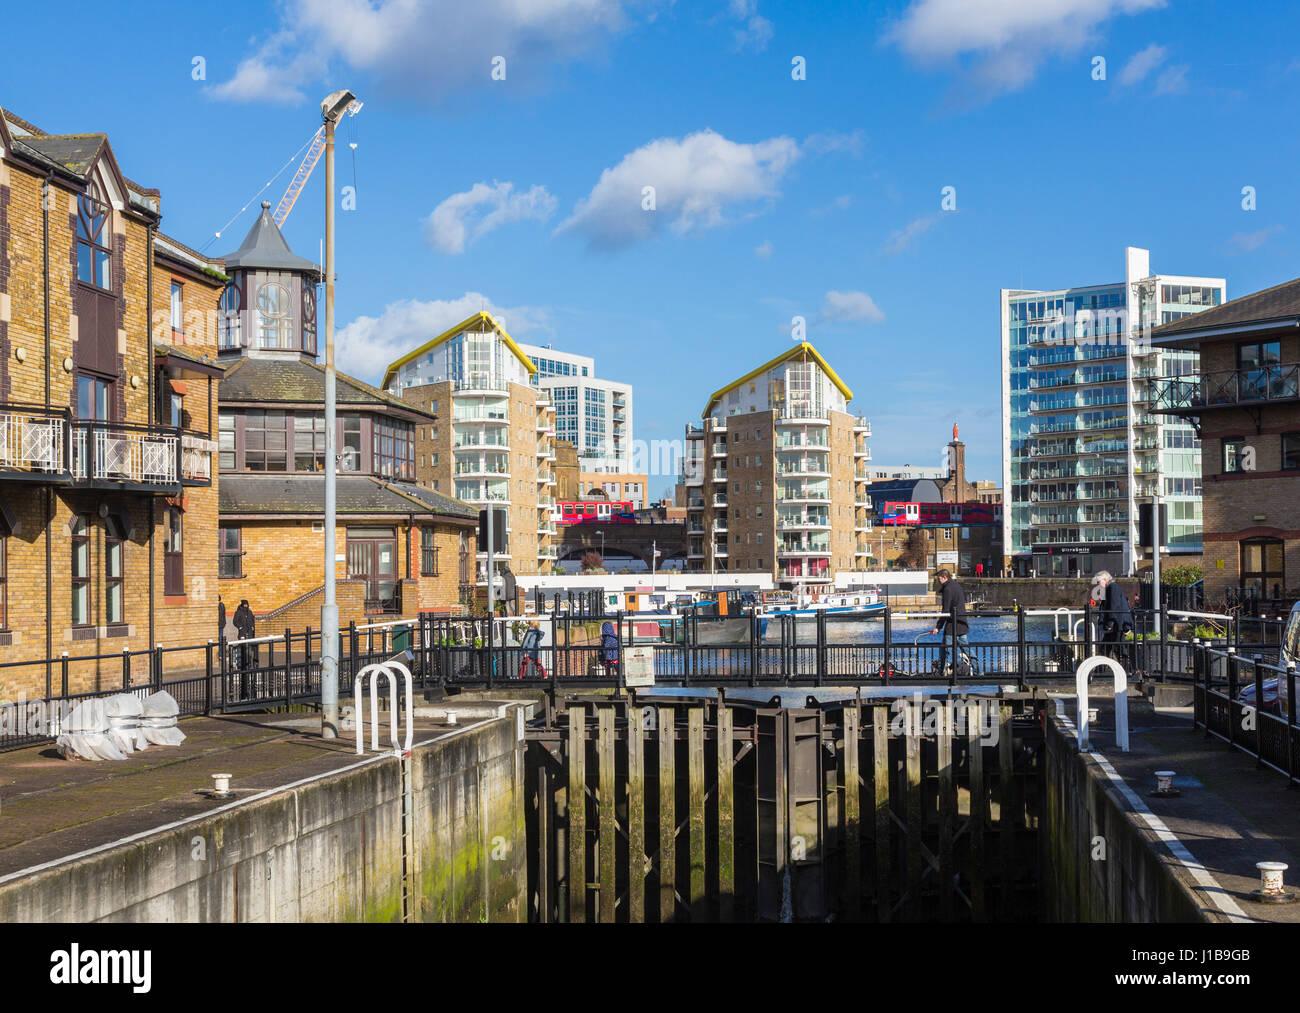 D'écluses en canal pour Limehouse Basin Marina à Docklands, Londres, Angleterre Photo Stock